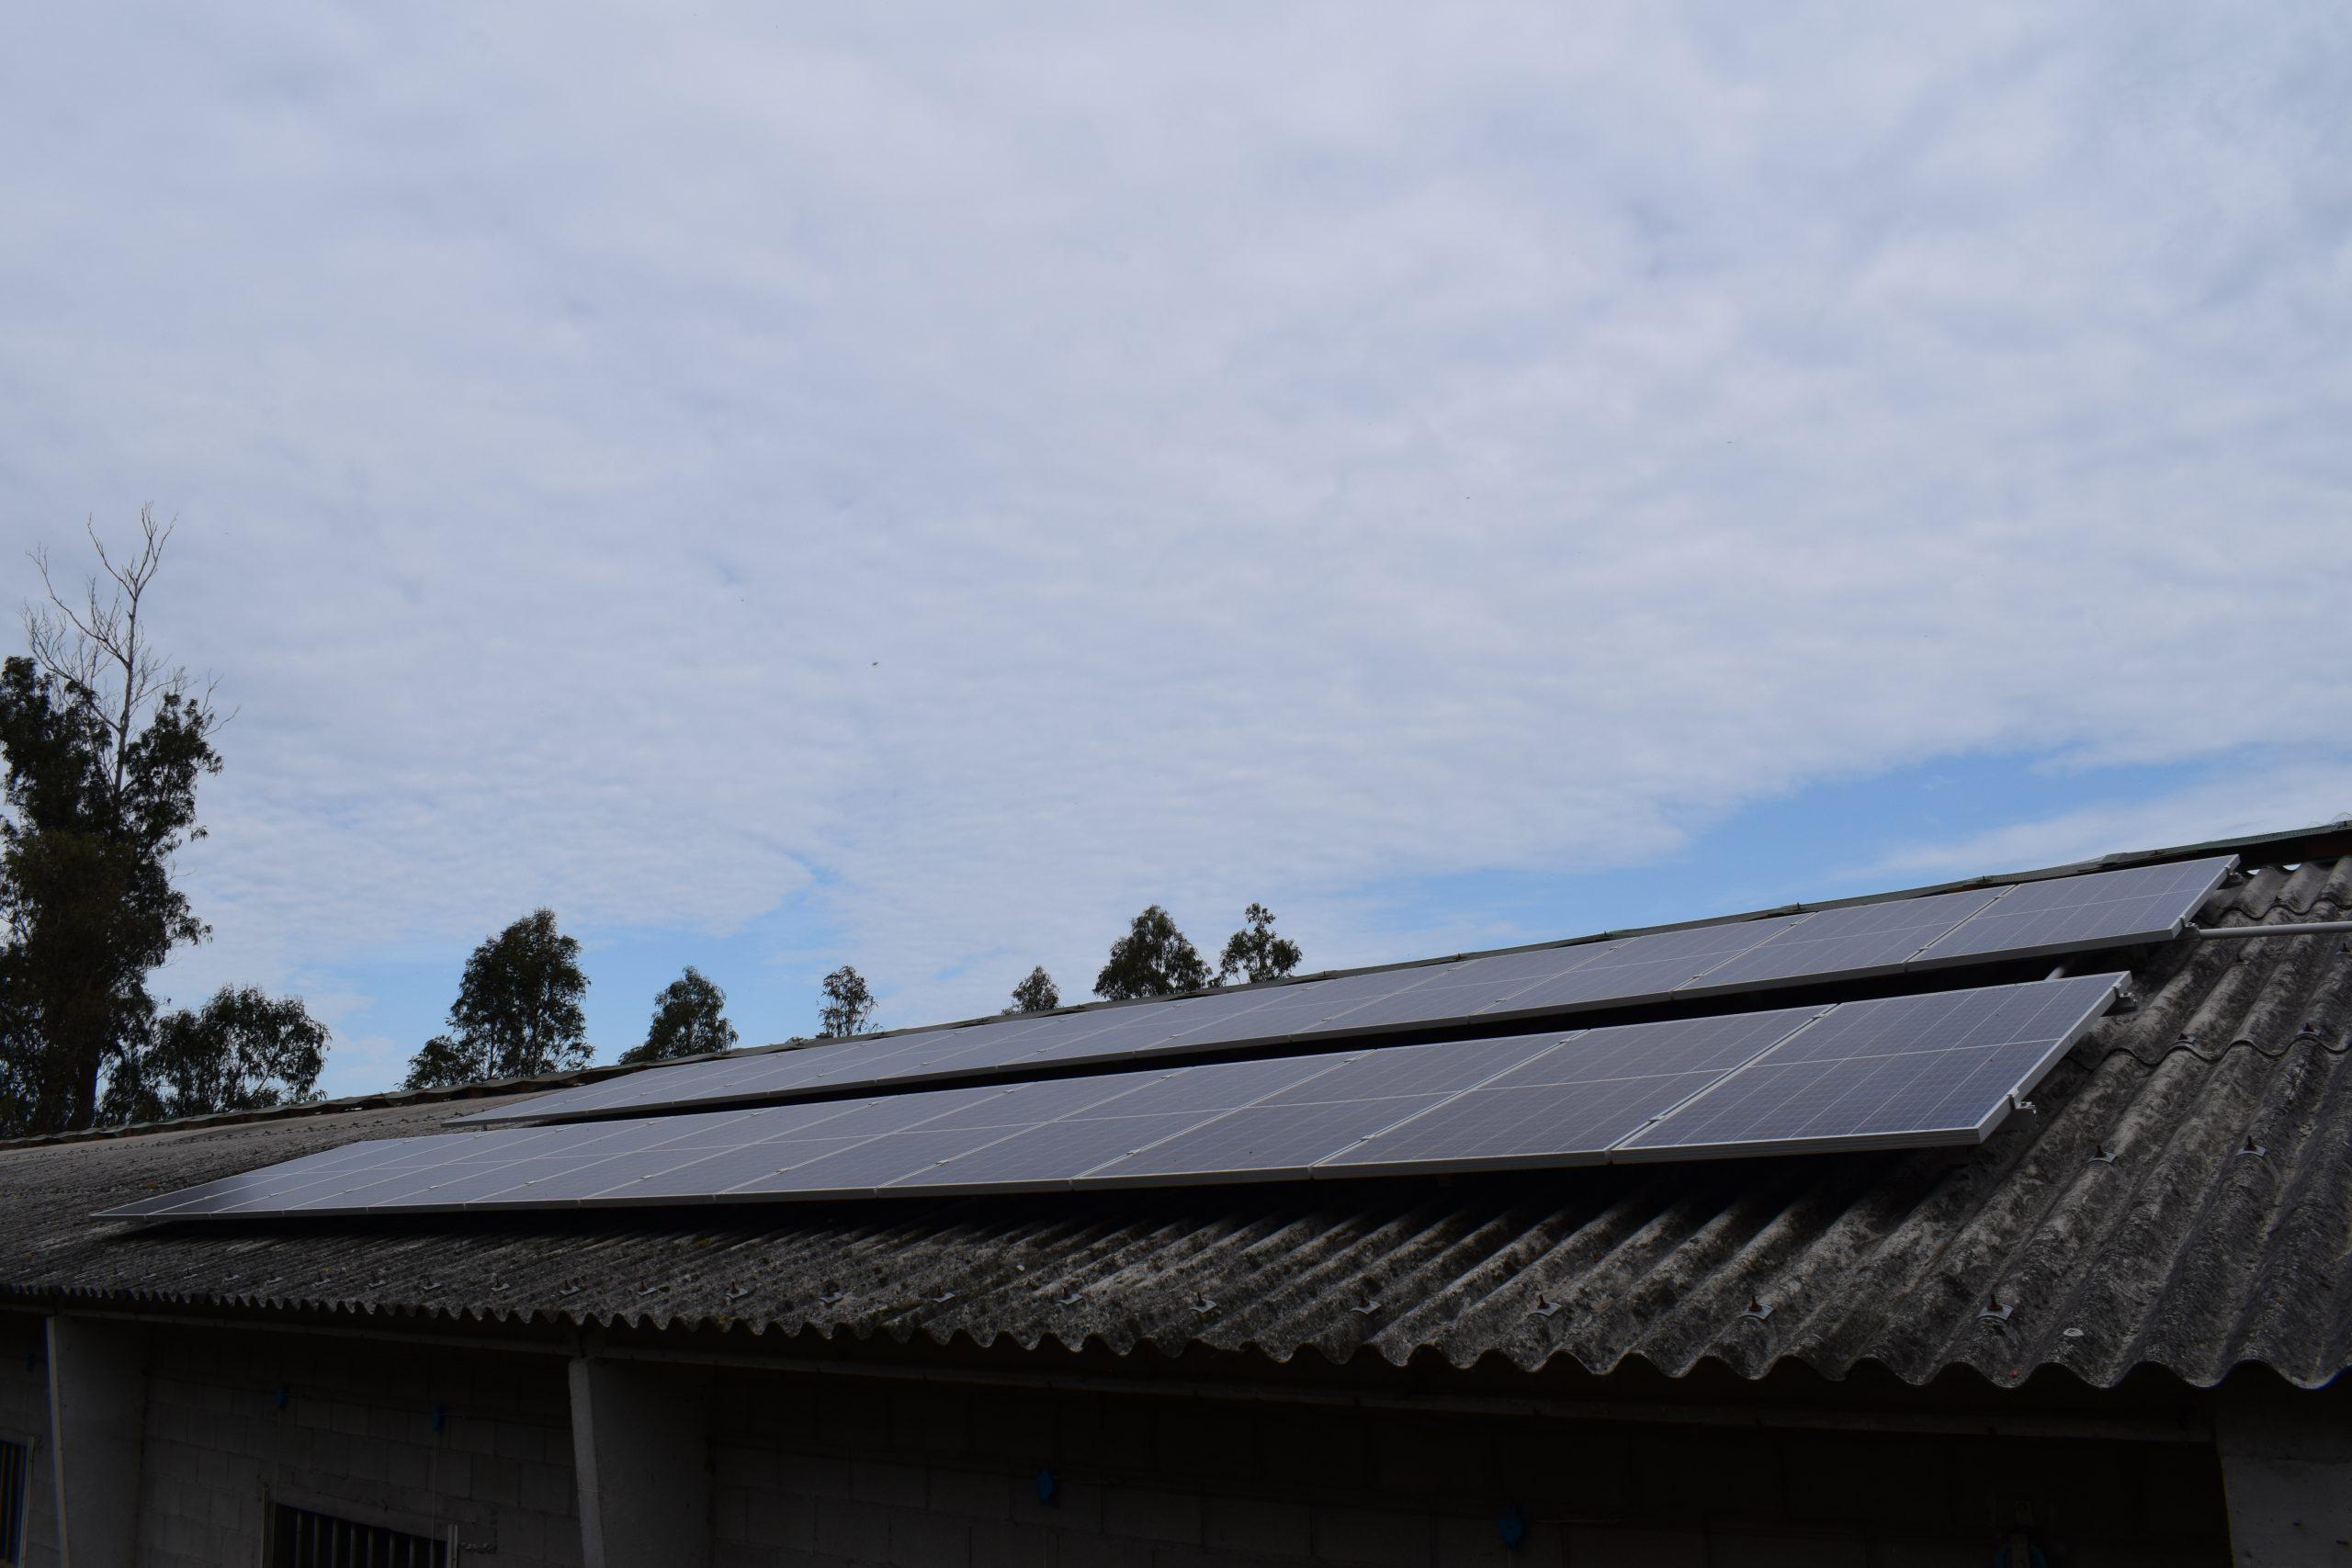 Placas fotovoltaicas en granja de galicia